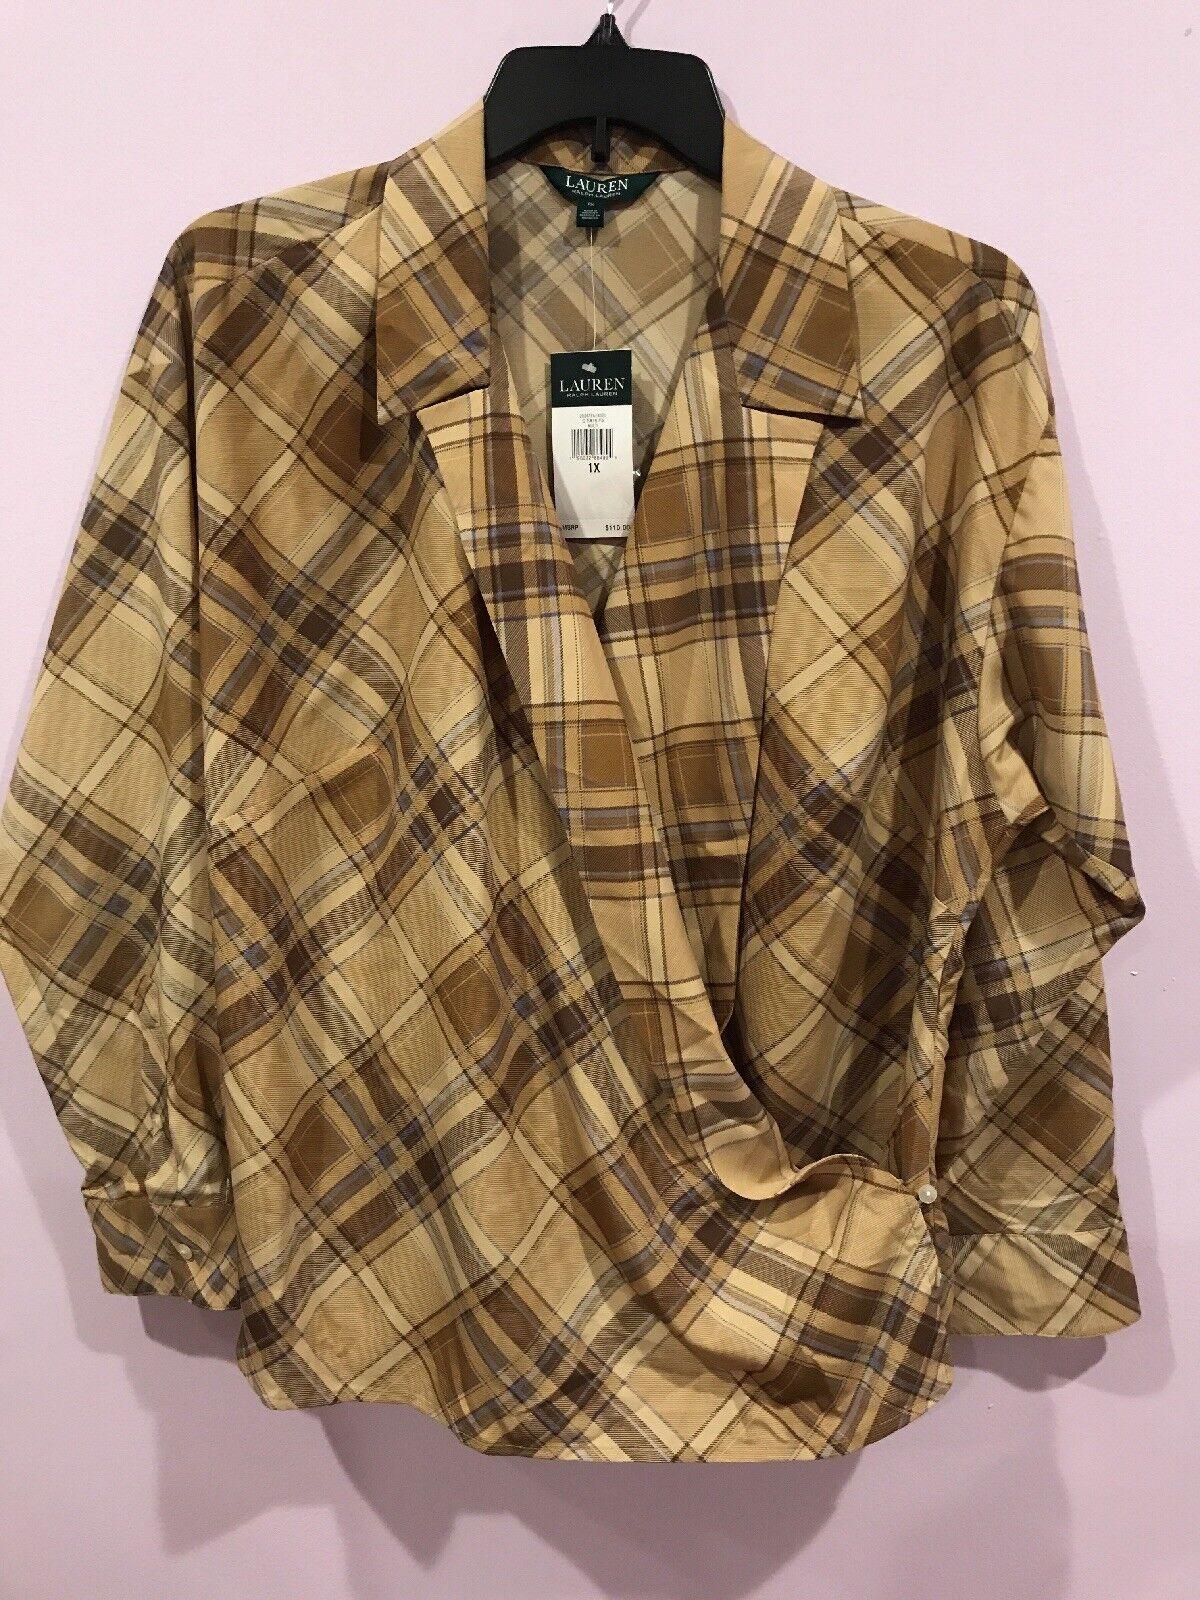 Lauren Ralph Lauren Plus 1X braun Multi Plaid Crepe Wrap Shirt v neck msrp